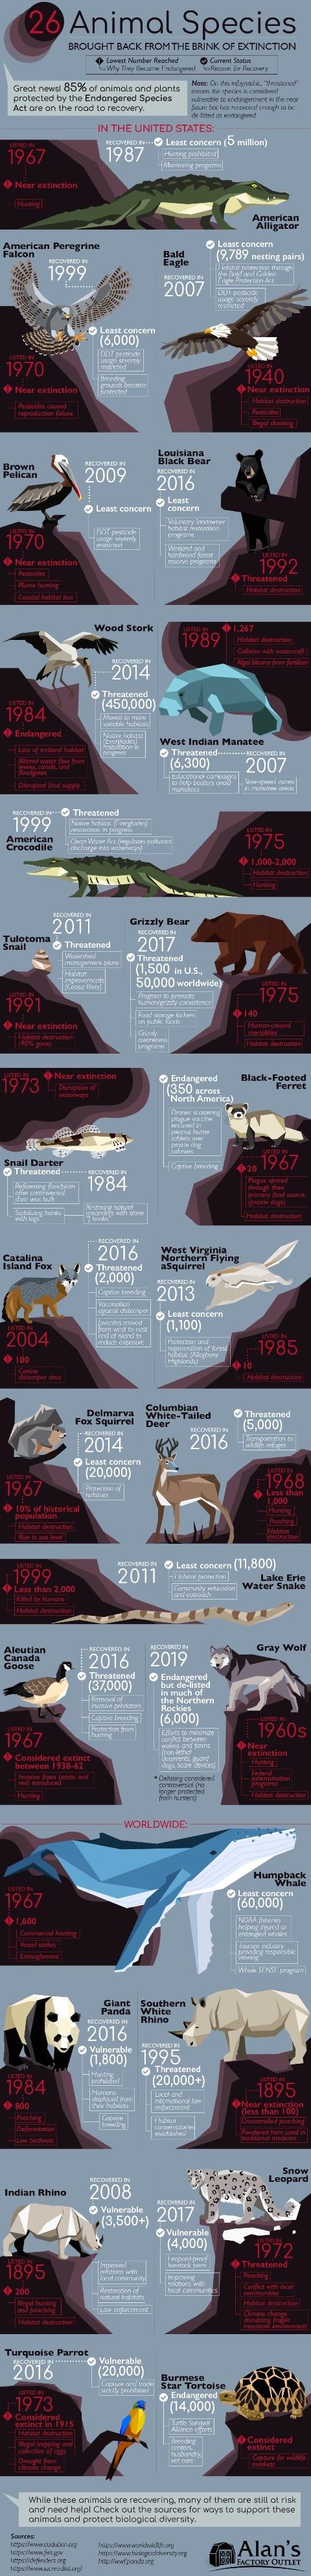 26 Animal Species